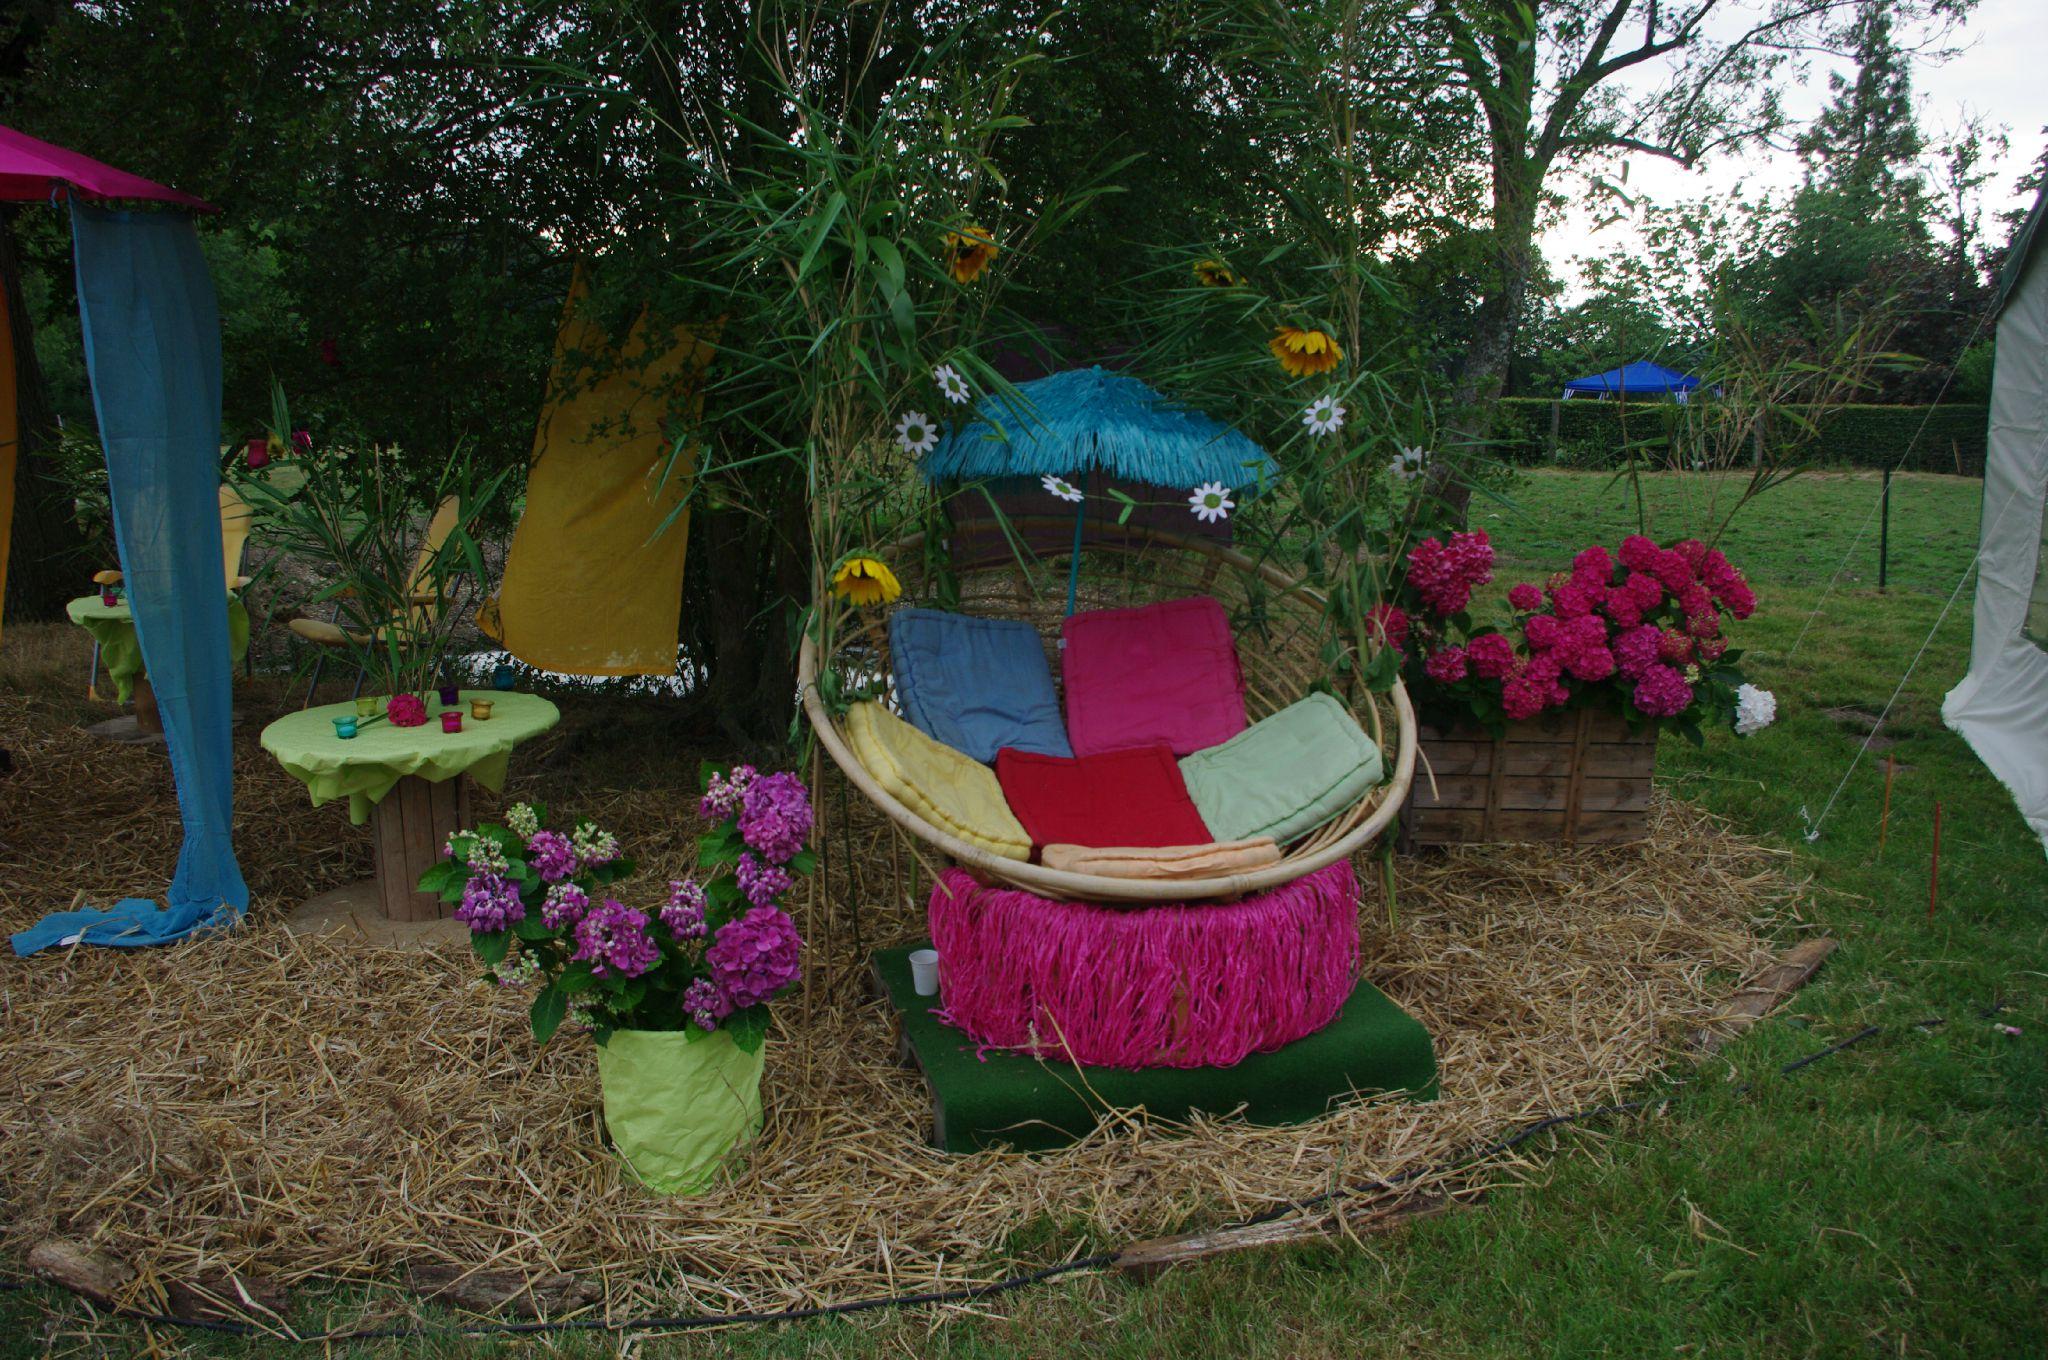 Idee Deco Jardin Pas Cher Decoration Exterieur Jardin Pas Cher